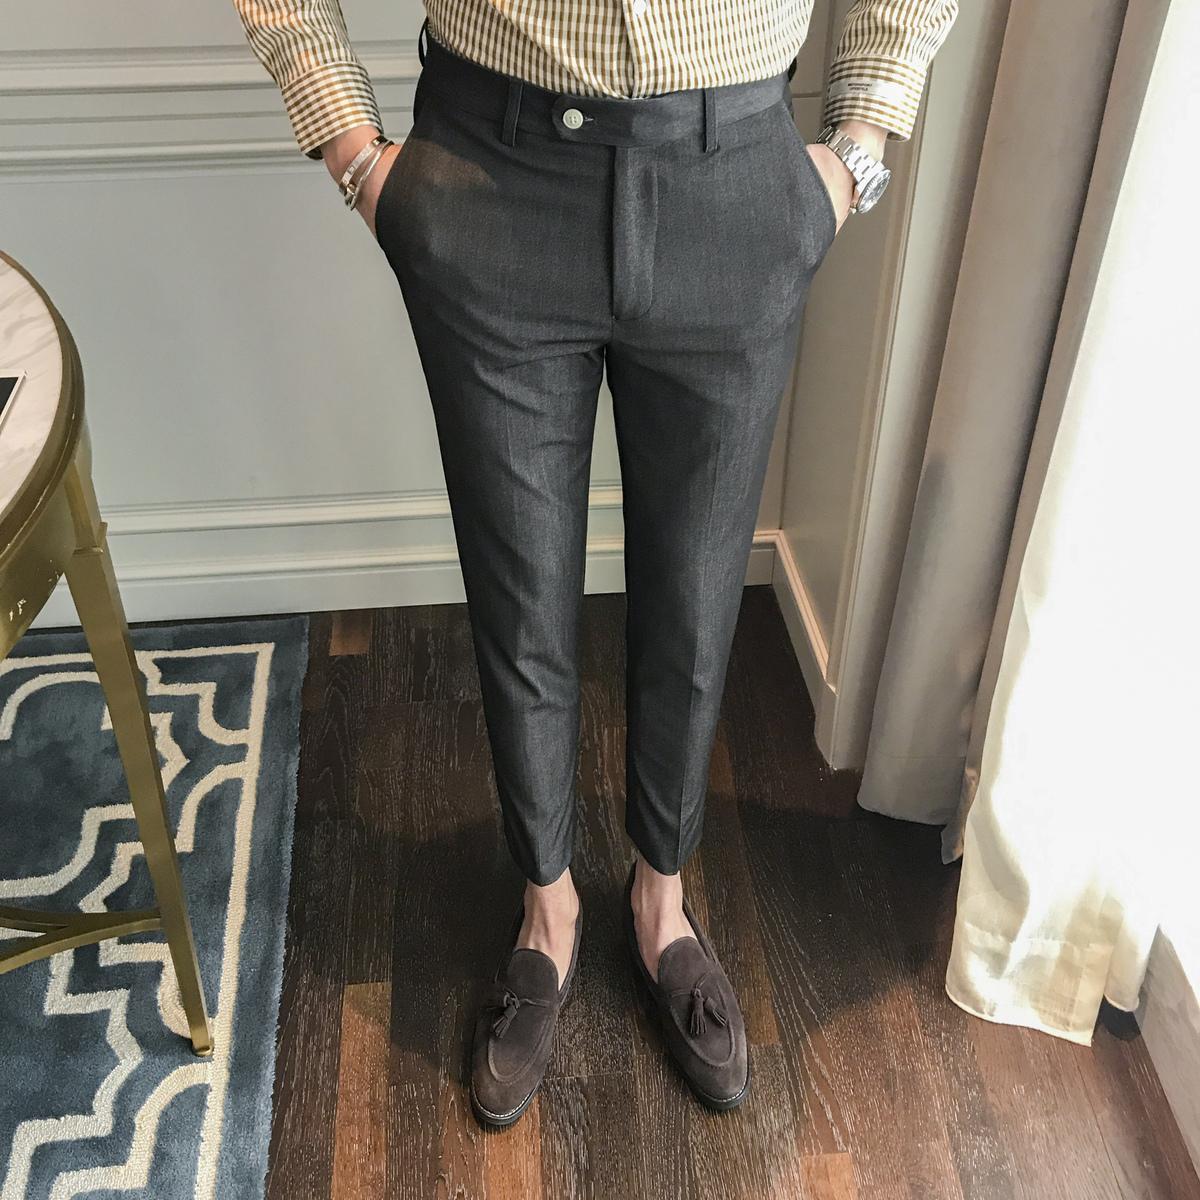 dae766cfffbb0 Compre 2018 Primavera Y Verano Nuevos Hombres De Moda Casual Slim Estilo  Occidental Pantalones Marea De Color Sólido Pies Vinculados Pantalones De  Traje ...